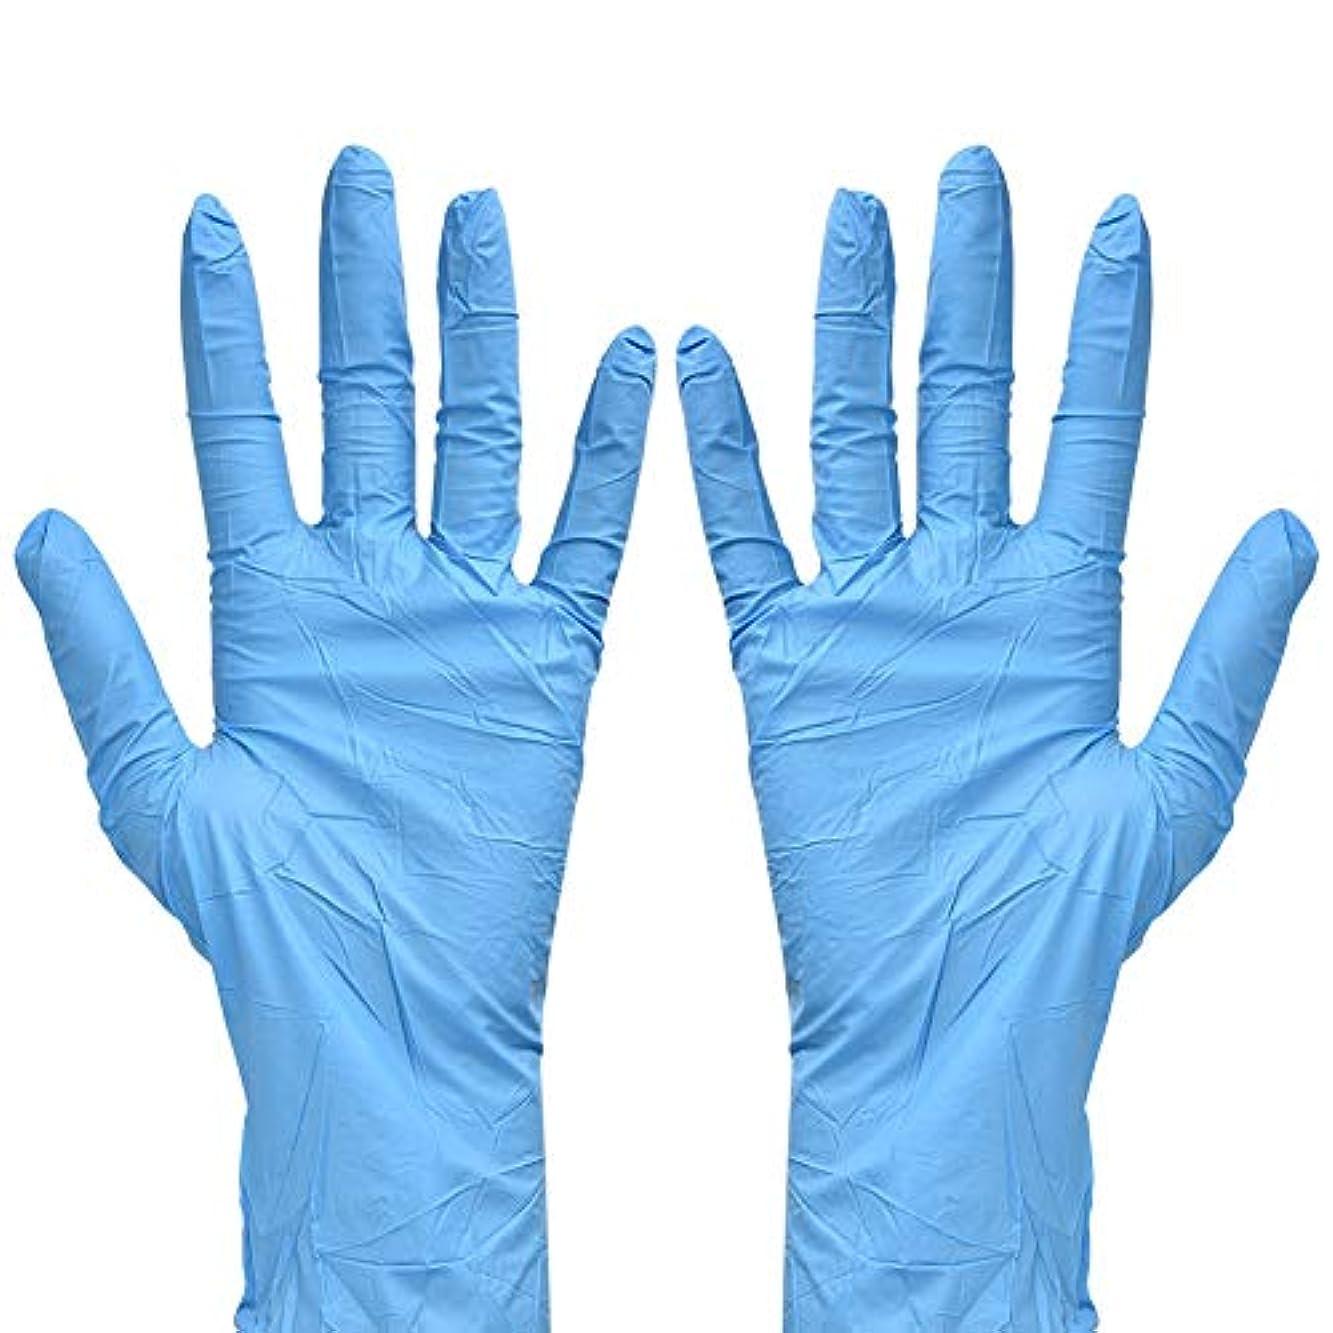 余分な遠い背が高い50個 - 使い捨て手袋 - 研究室用ニトリル作業用安全手袋、ホーム、キッチン、パウダーフリー、滑り止め(S)